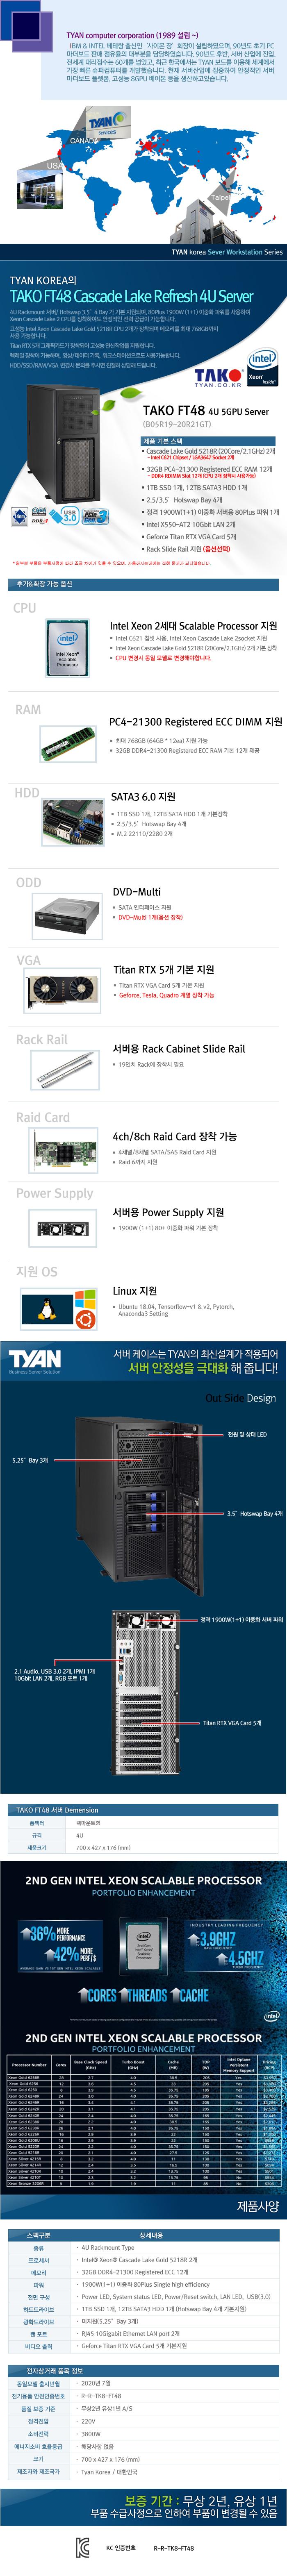 TYAN TAKO-FT48-(B05R19-20R21GT) 5GPU (384GB, SSD 1TB + 12TB)